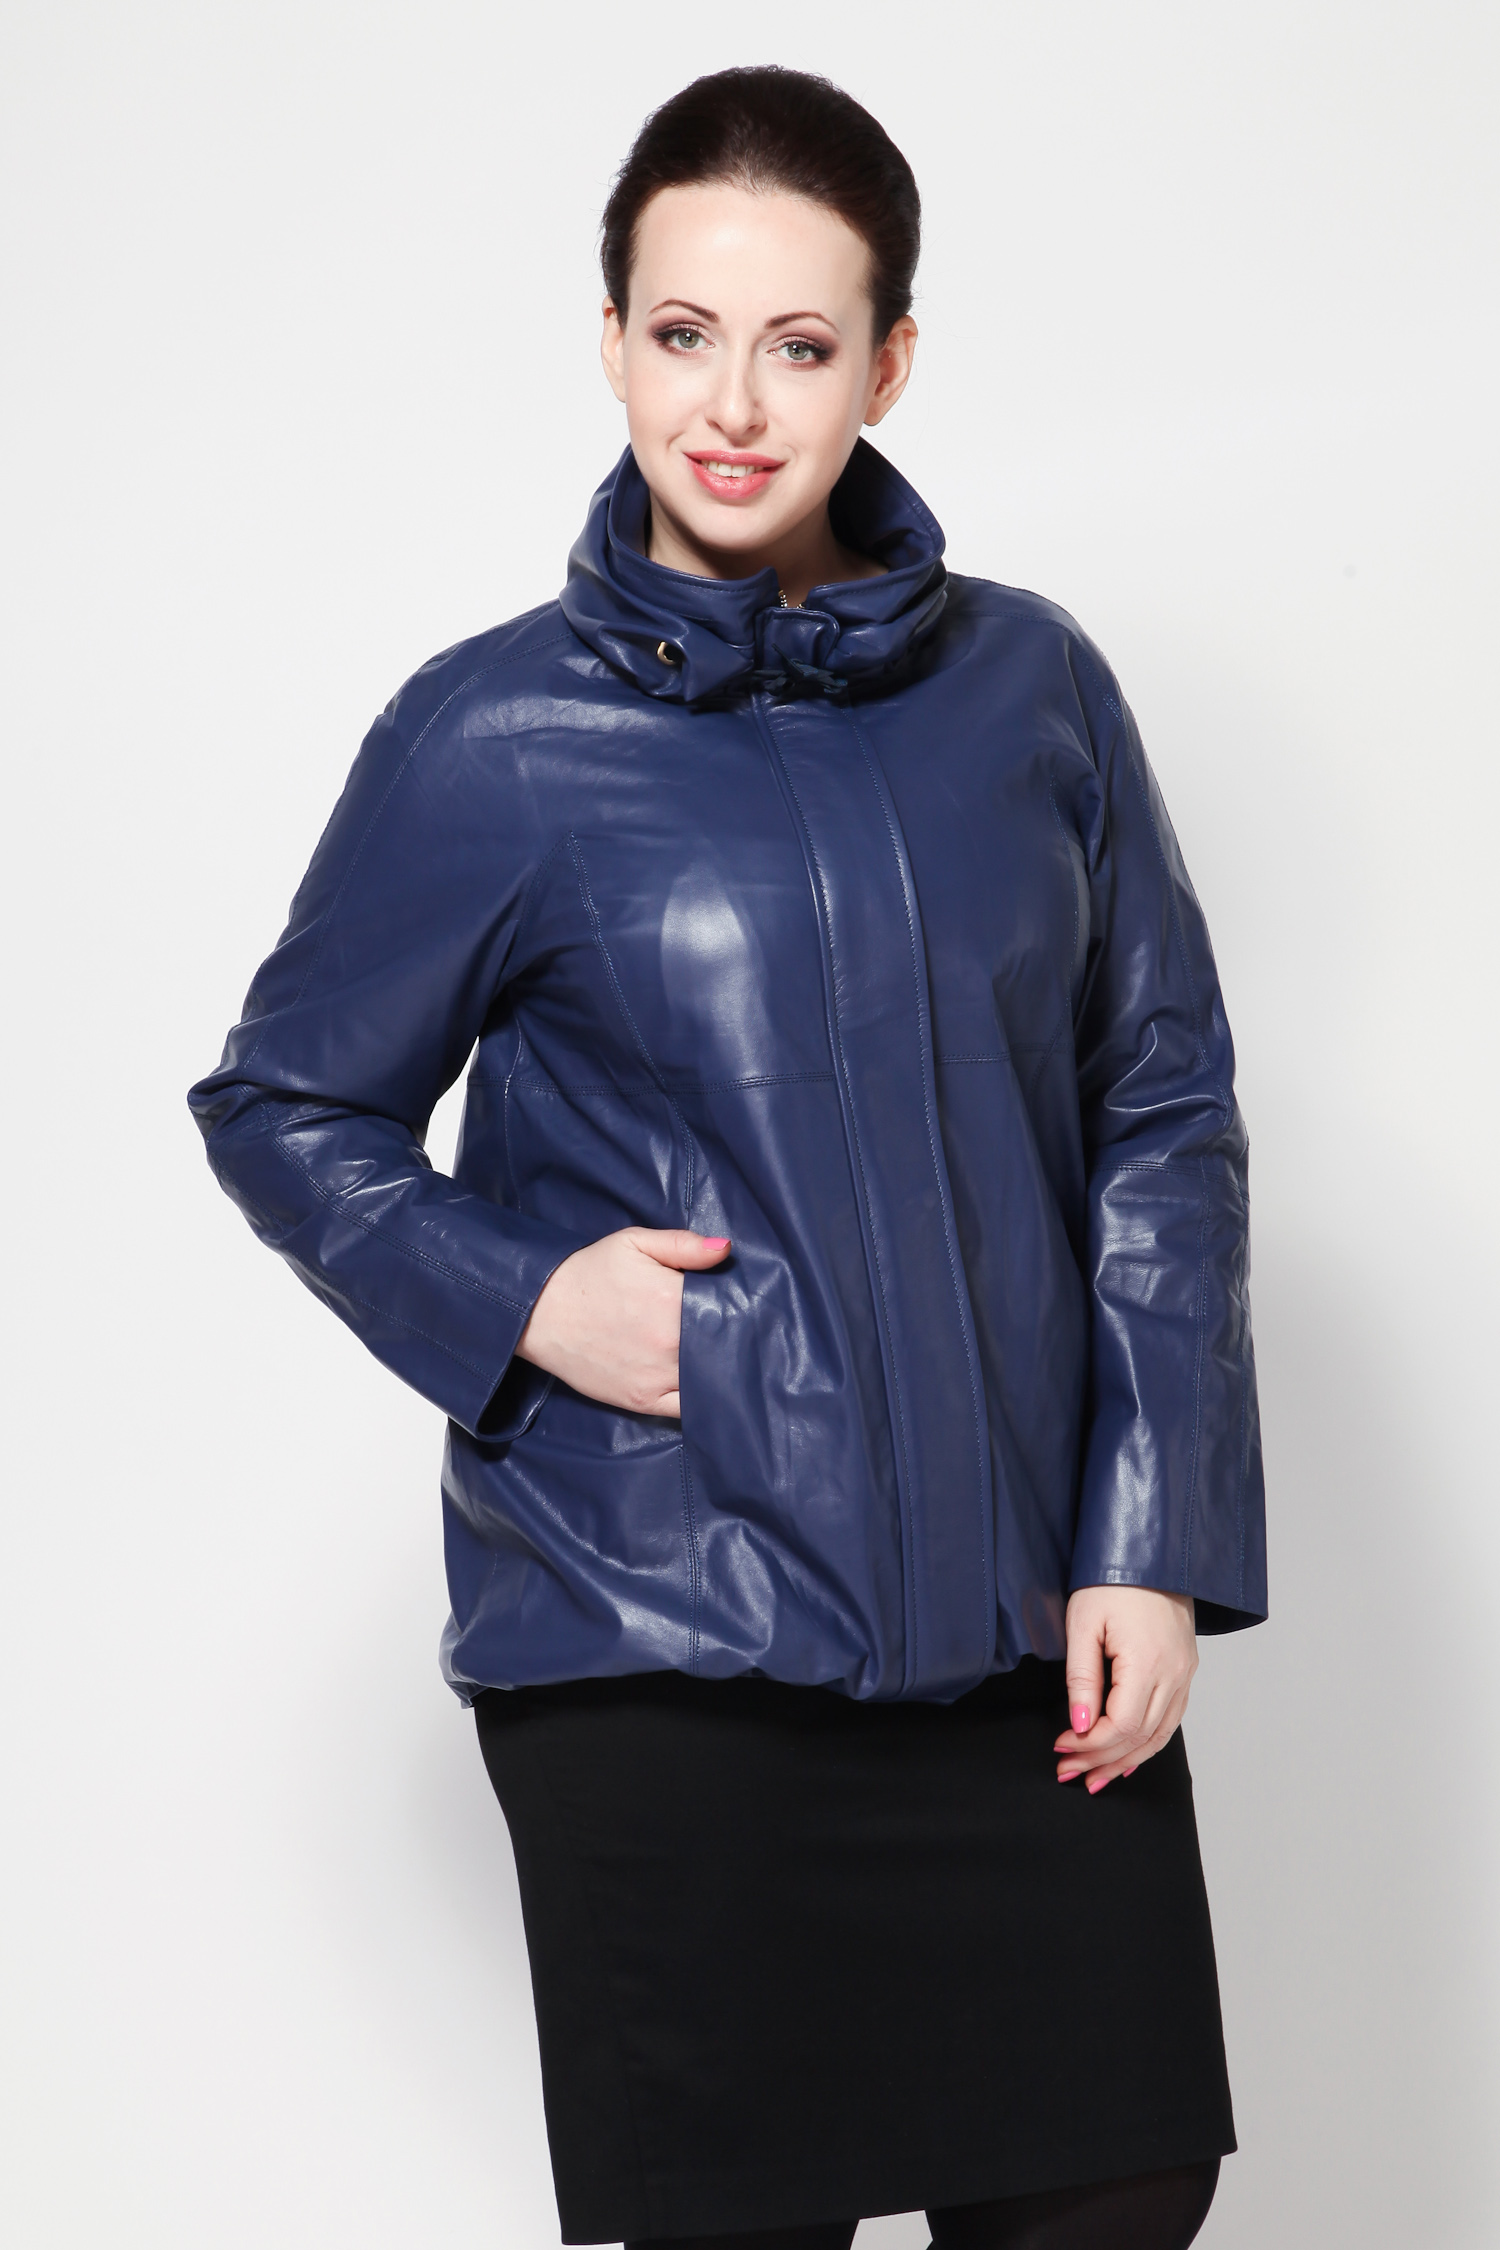 Женская кожаная куртка из натуральной кожи с воротником, без отделки<br><br>Воротник: стойка<br>Длина см: Короткая (51-74 )<br>Материал: Кожа овчина<br>Цвет: синий<br>Вид застежки: потайная<br>Застежка: на молнии<br>Пол: Женский<br>Размер RU: 48